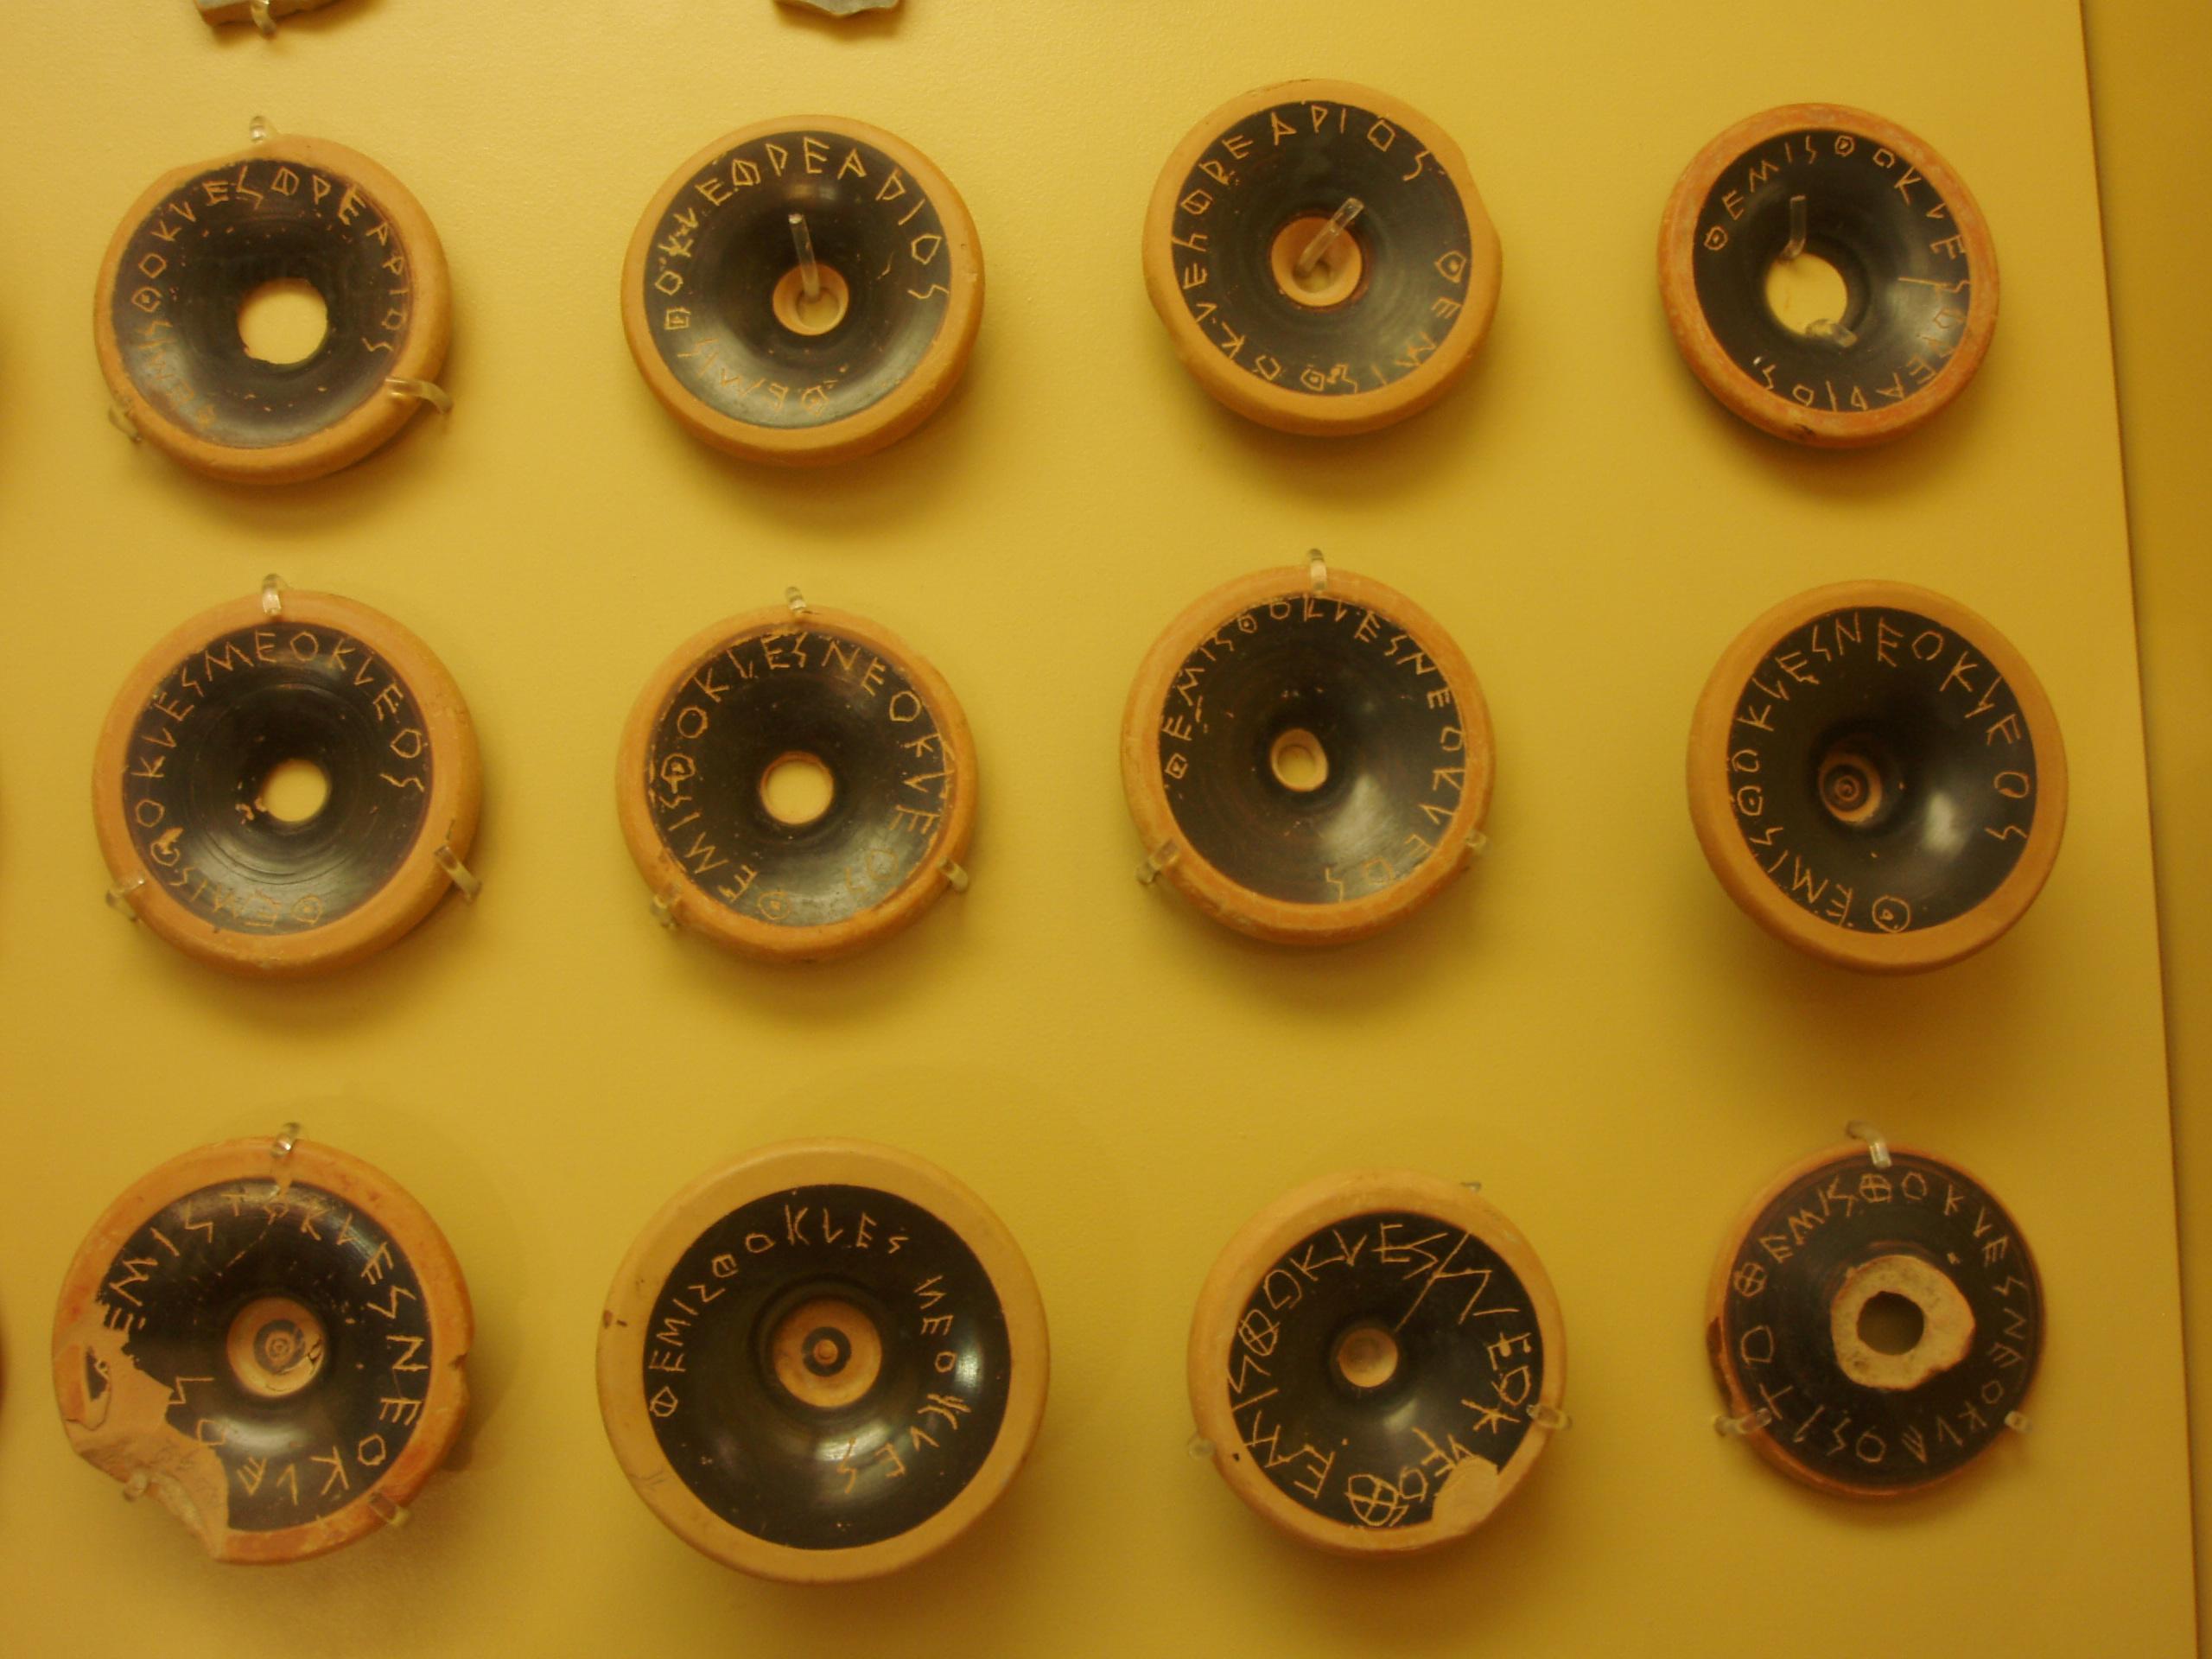 Ostraka (Kumpulan dari beberapa Ostrakon) yang digunakan untuk pemilu Ostrakisme